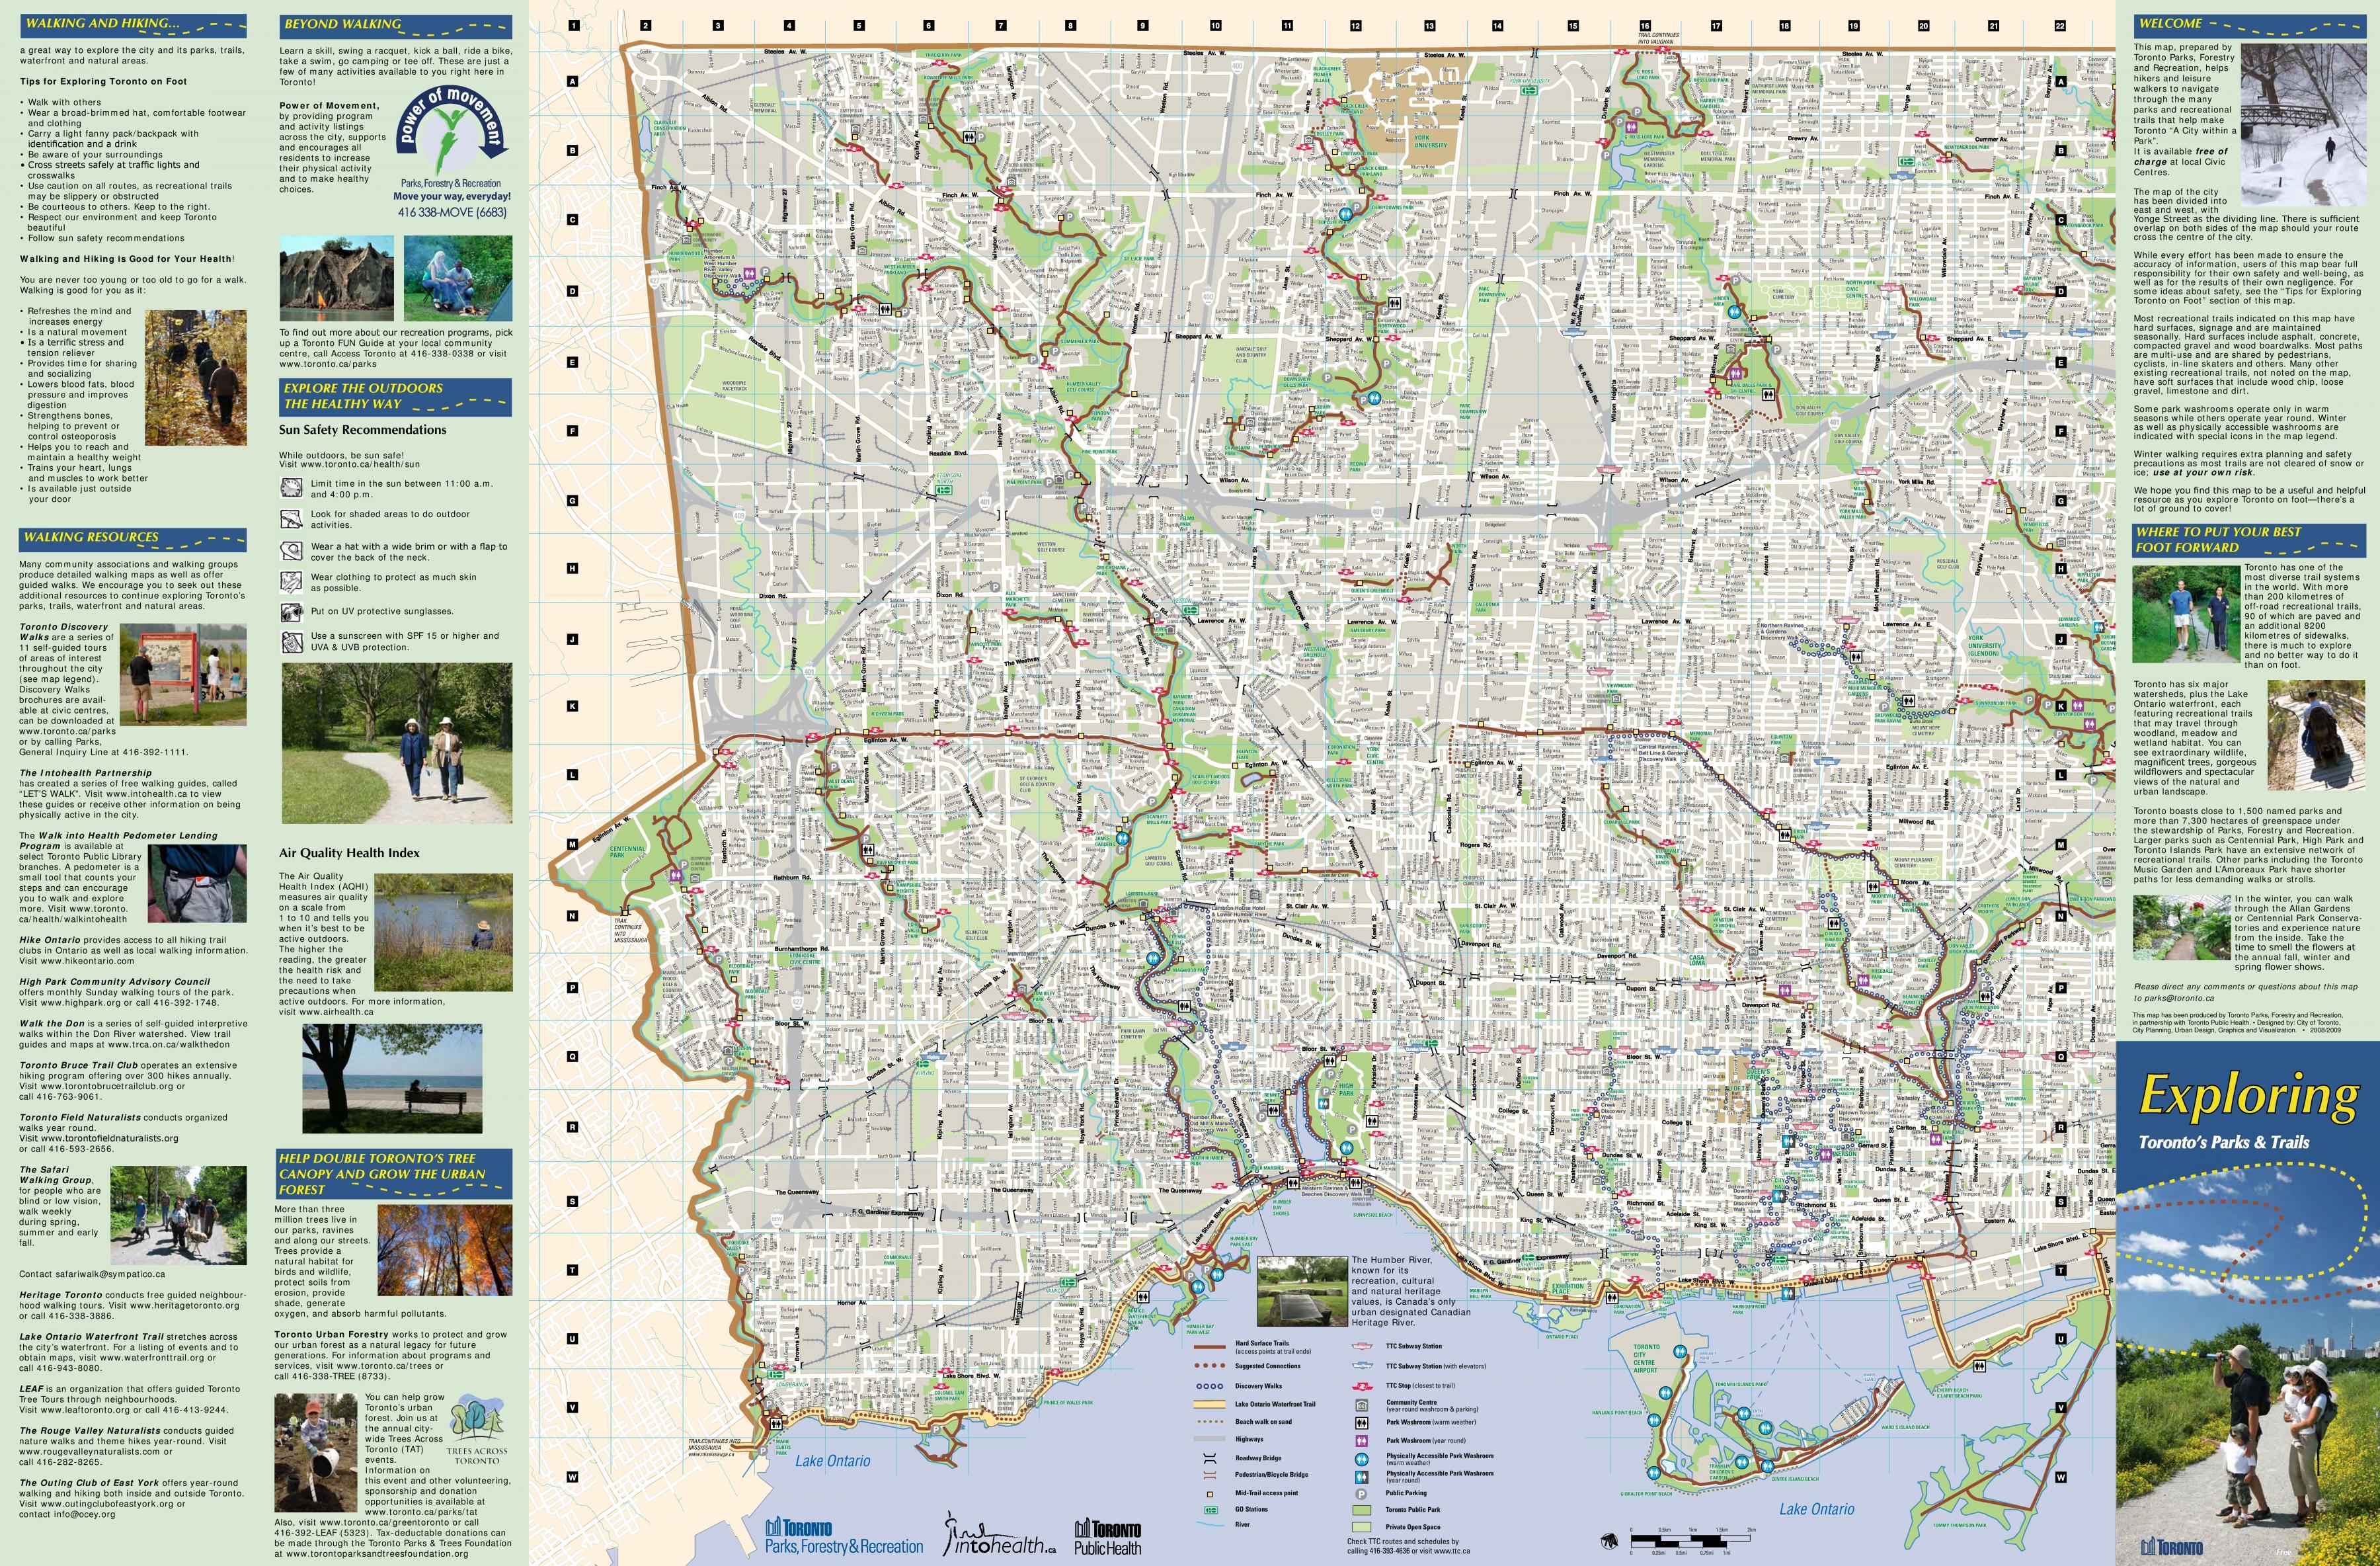 Parker Og Vandreruter Vest For Toronto Kort Kort Over Parker Og